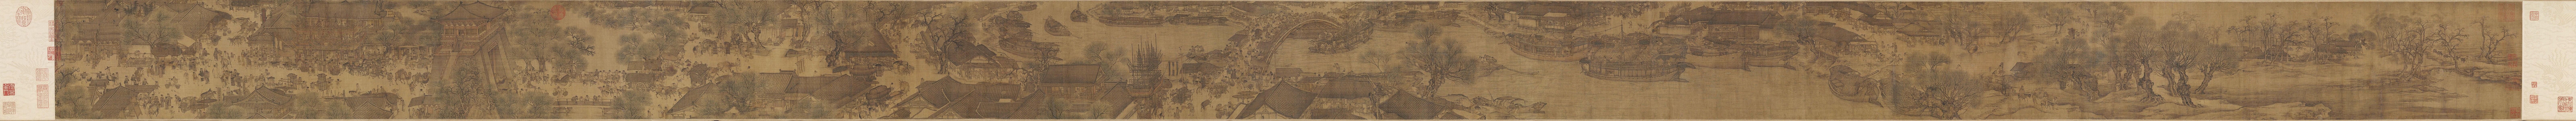 zhang zeduan - image 7